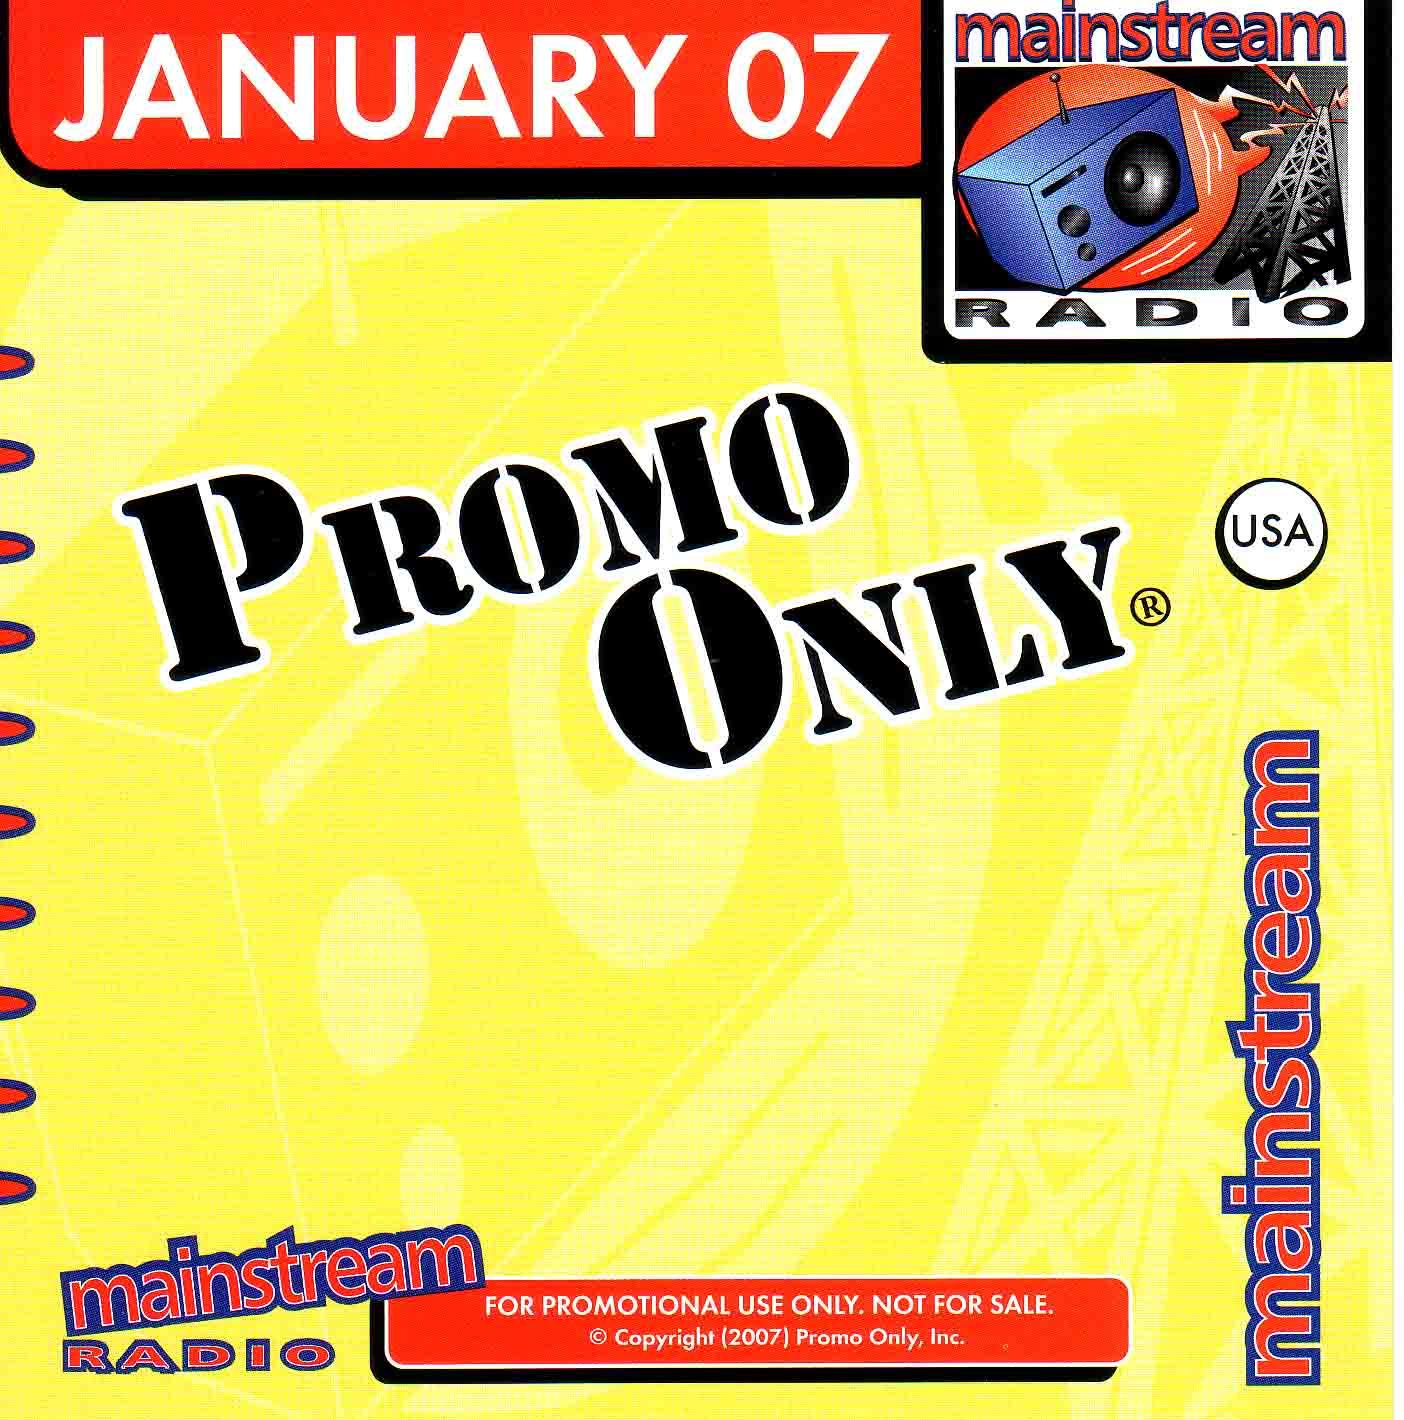 http://1.bp.blogspot.com/_9cw-jhhRBE4/TL8rMumt3LI/AAAAAAAAF9c/w0gMqmB5c18/s1600/00-va-promo_only_mainstream_radio_january-2006-front.jpg